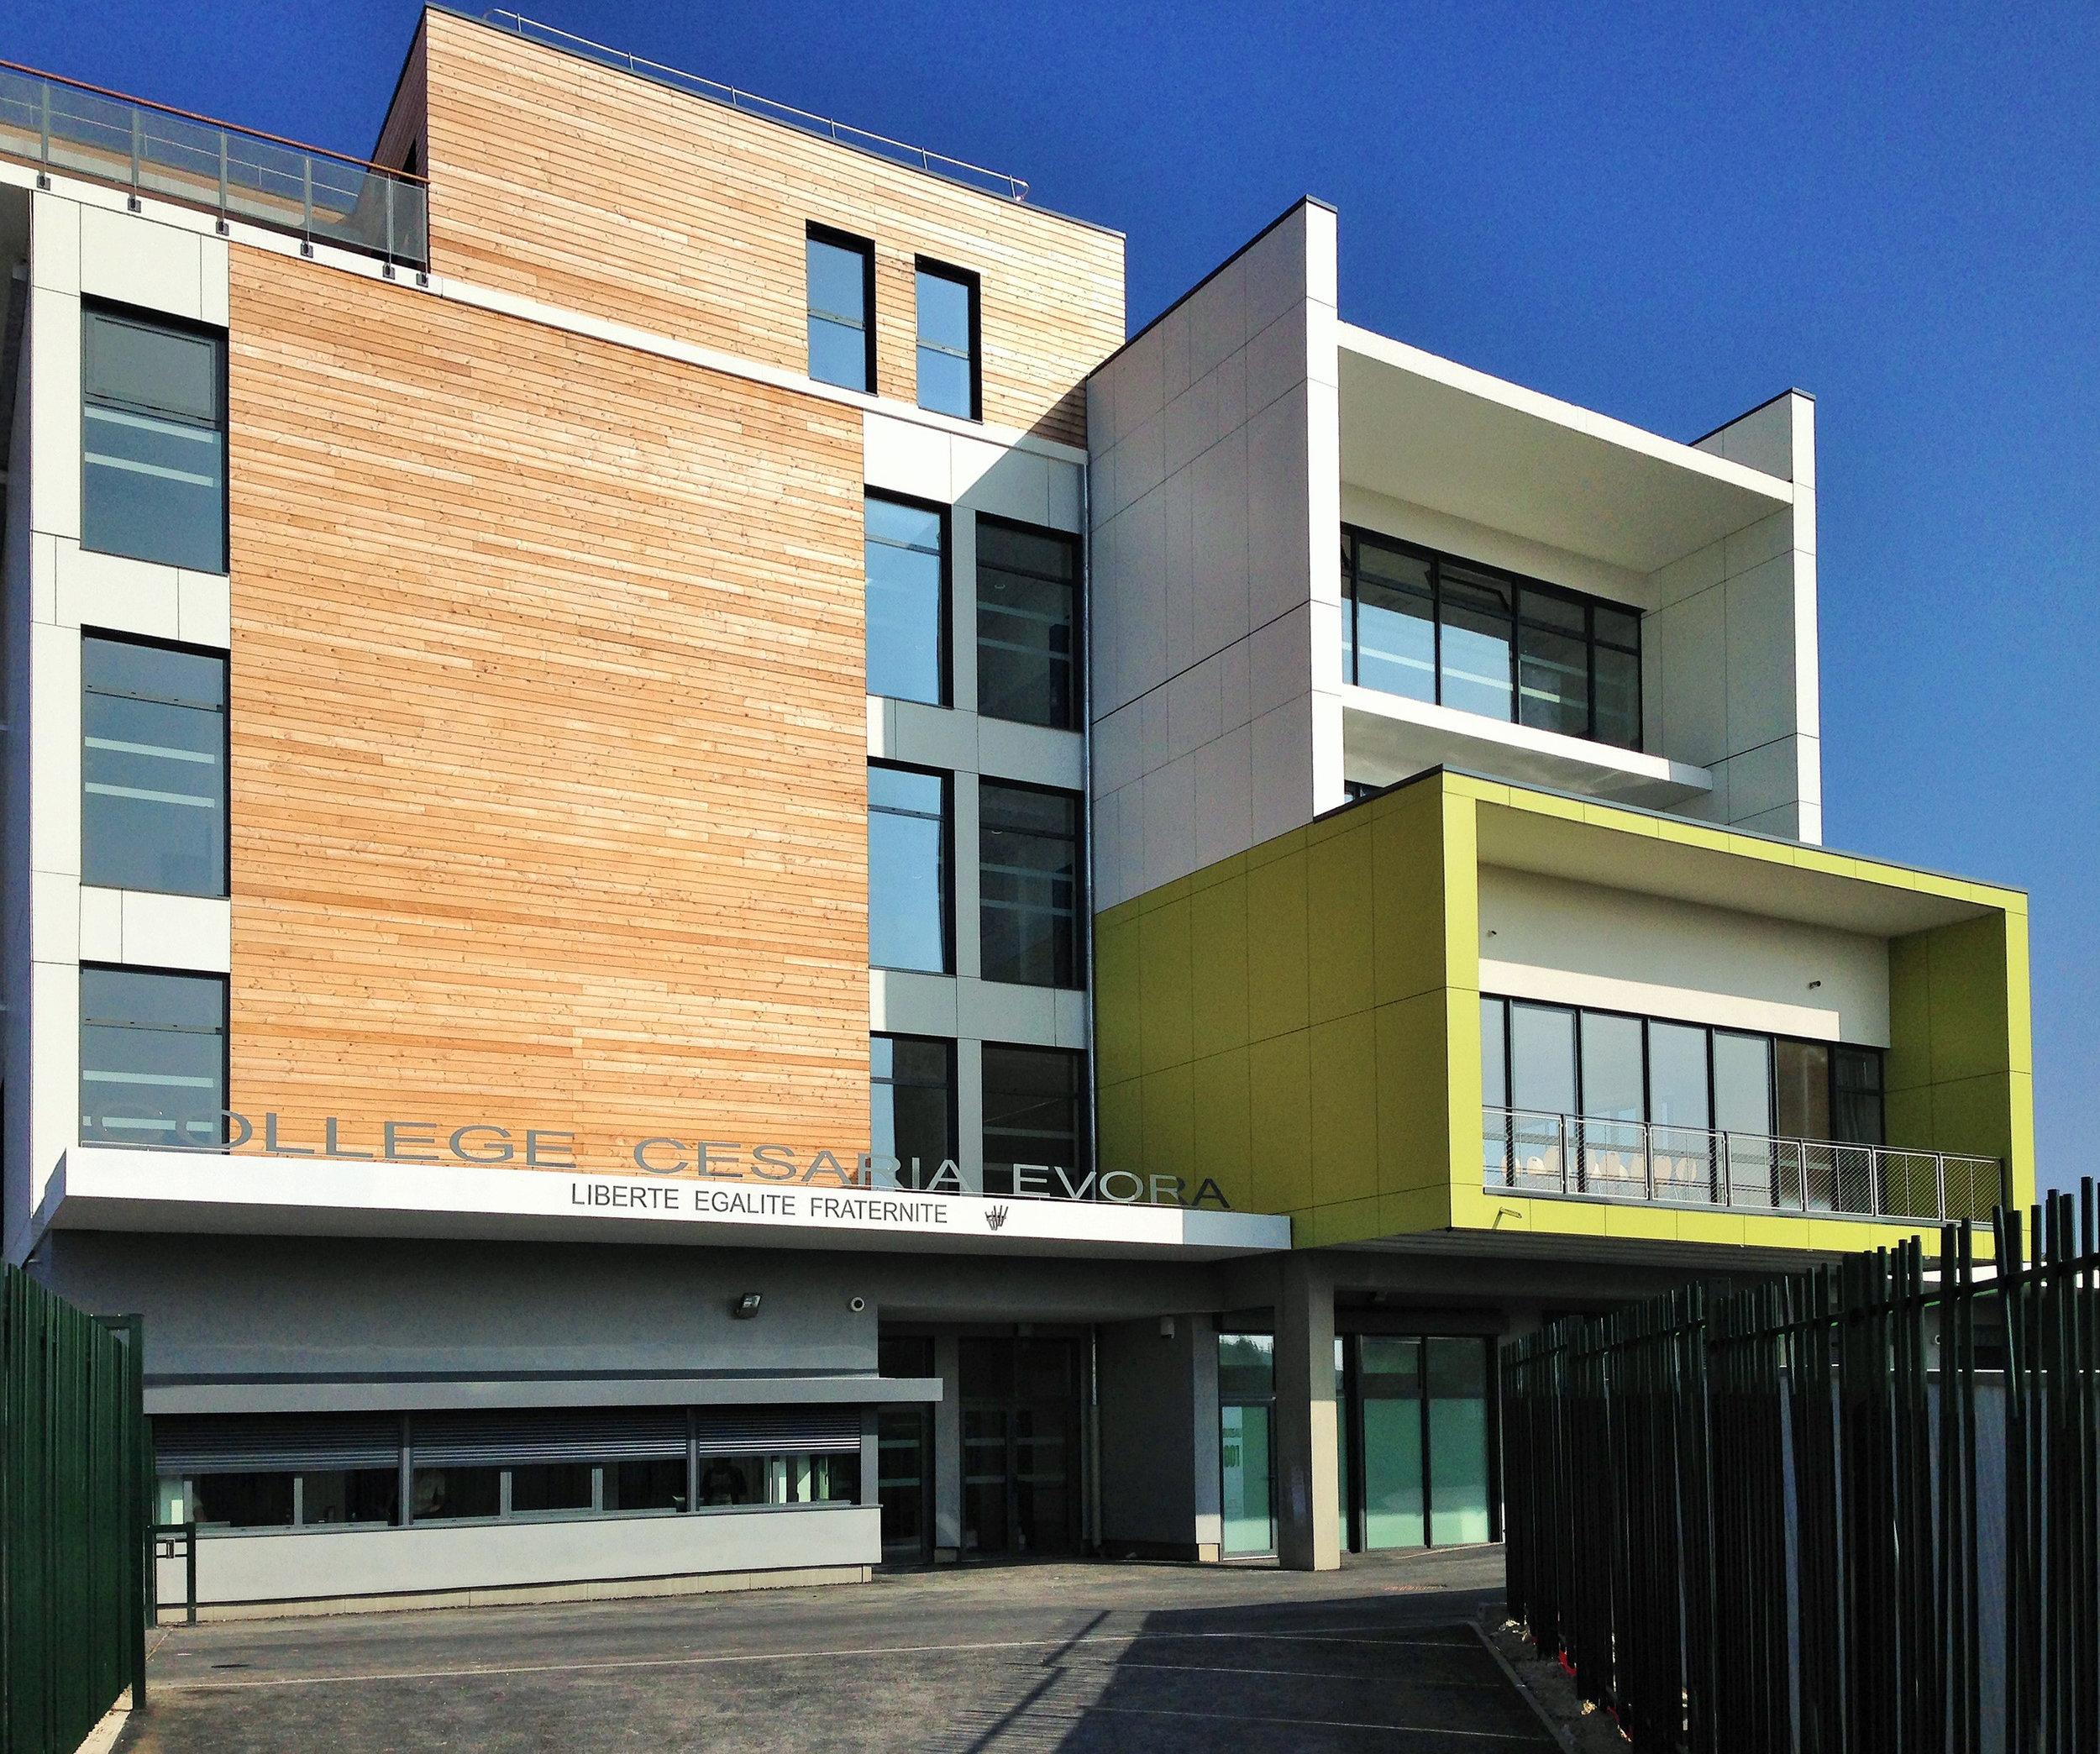 bécardmap-enseignements-collège-Césaria-Evora-Montreuil-01